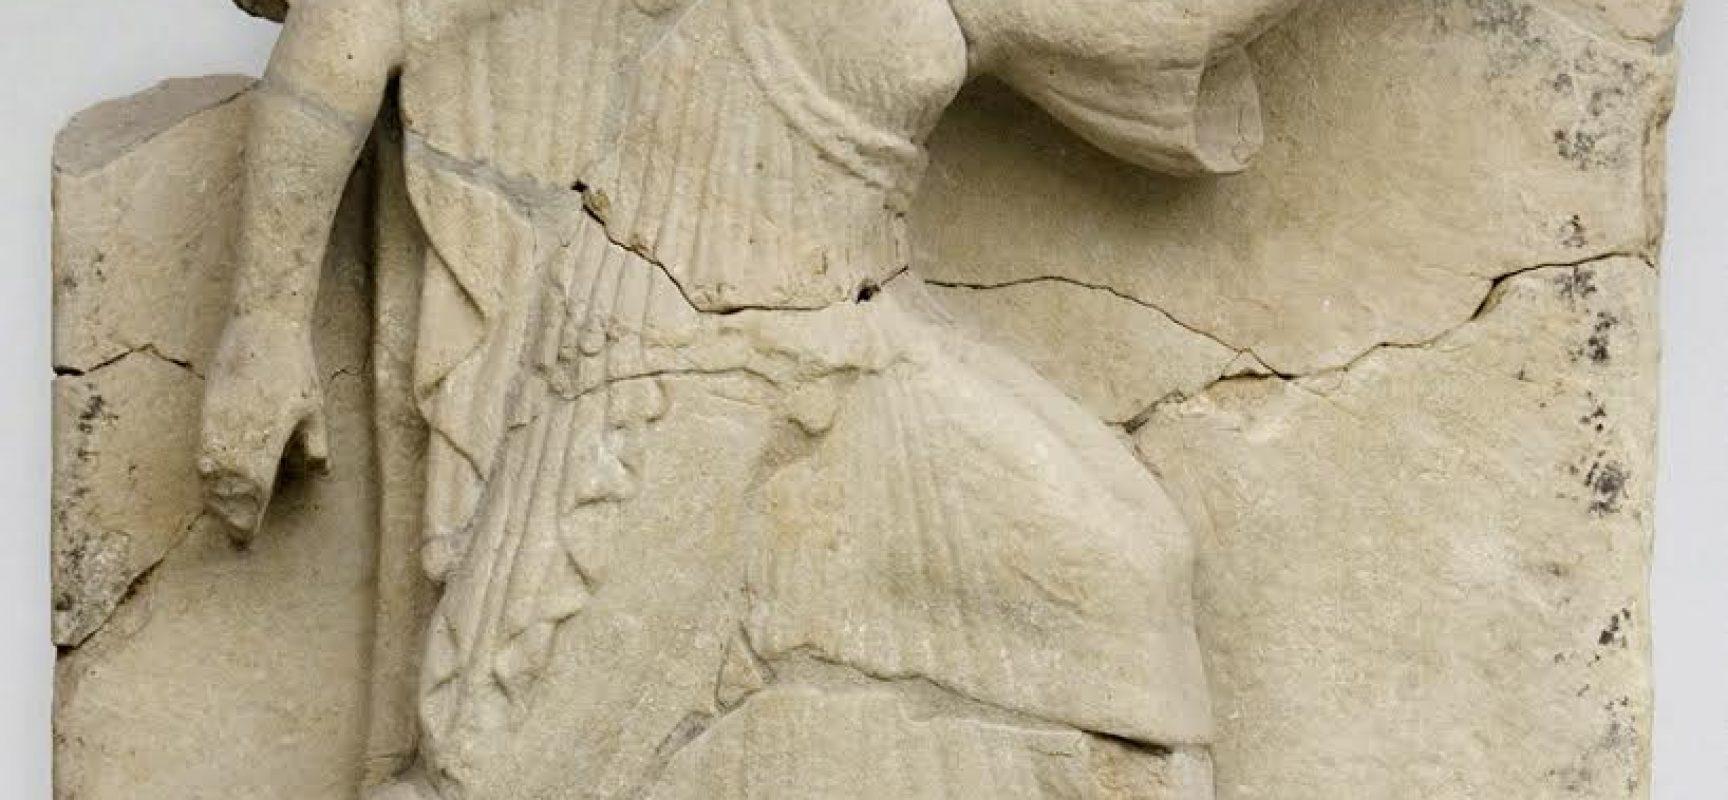 #DOMENICHE GRATIS MUSEO, a Paestum si balla